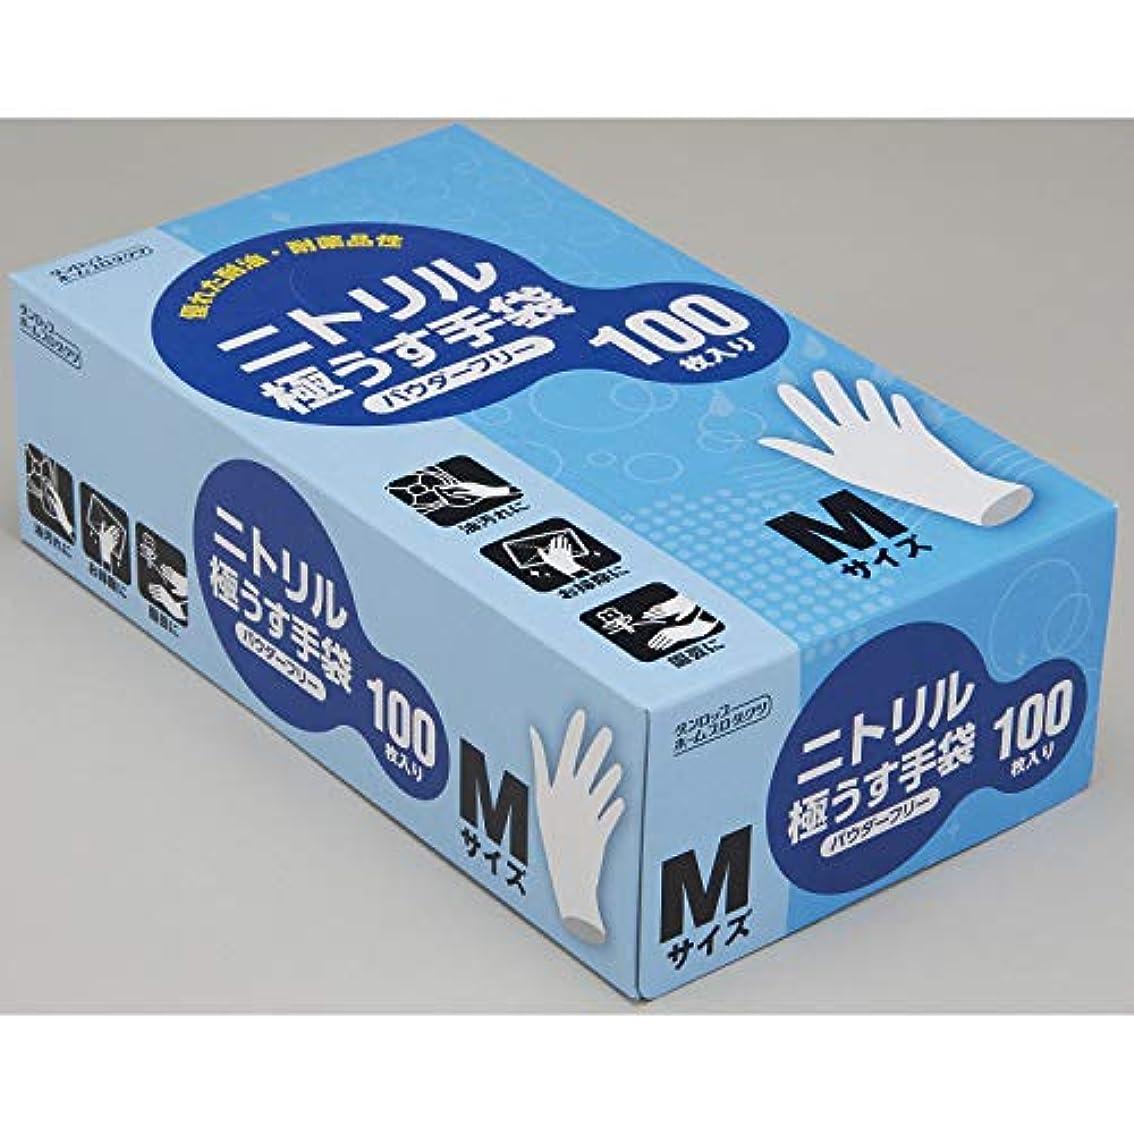 光沢のある促進する明らかにするダンロップ 二トリル極うす手袋 パウダーフリー Mサイズ 100枚入 ×20個